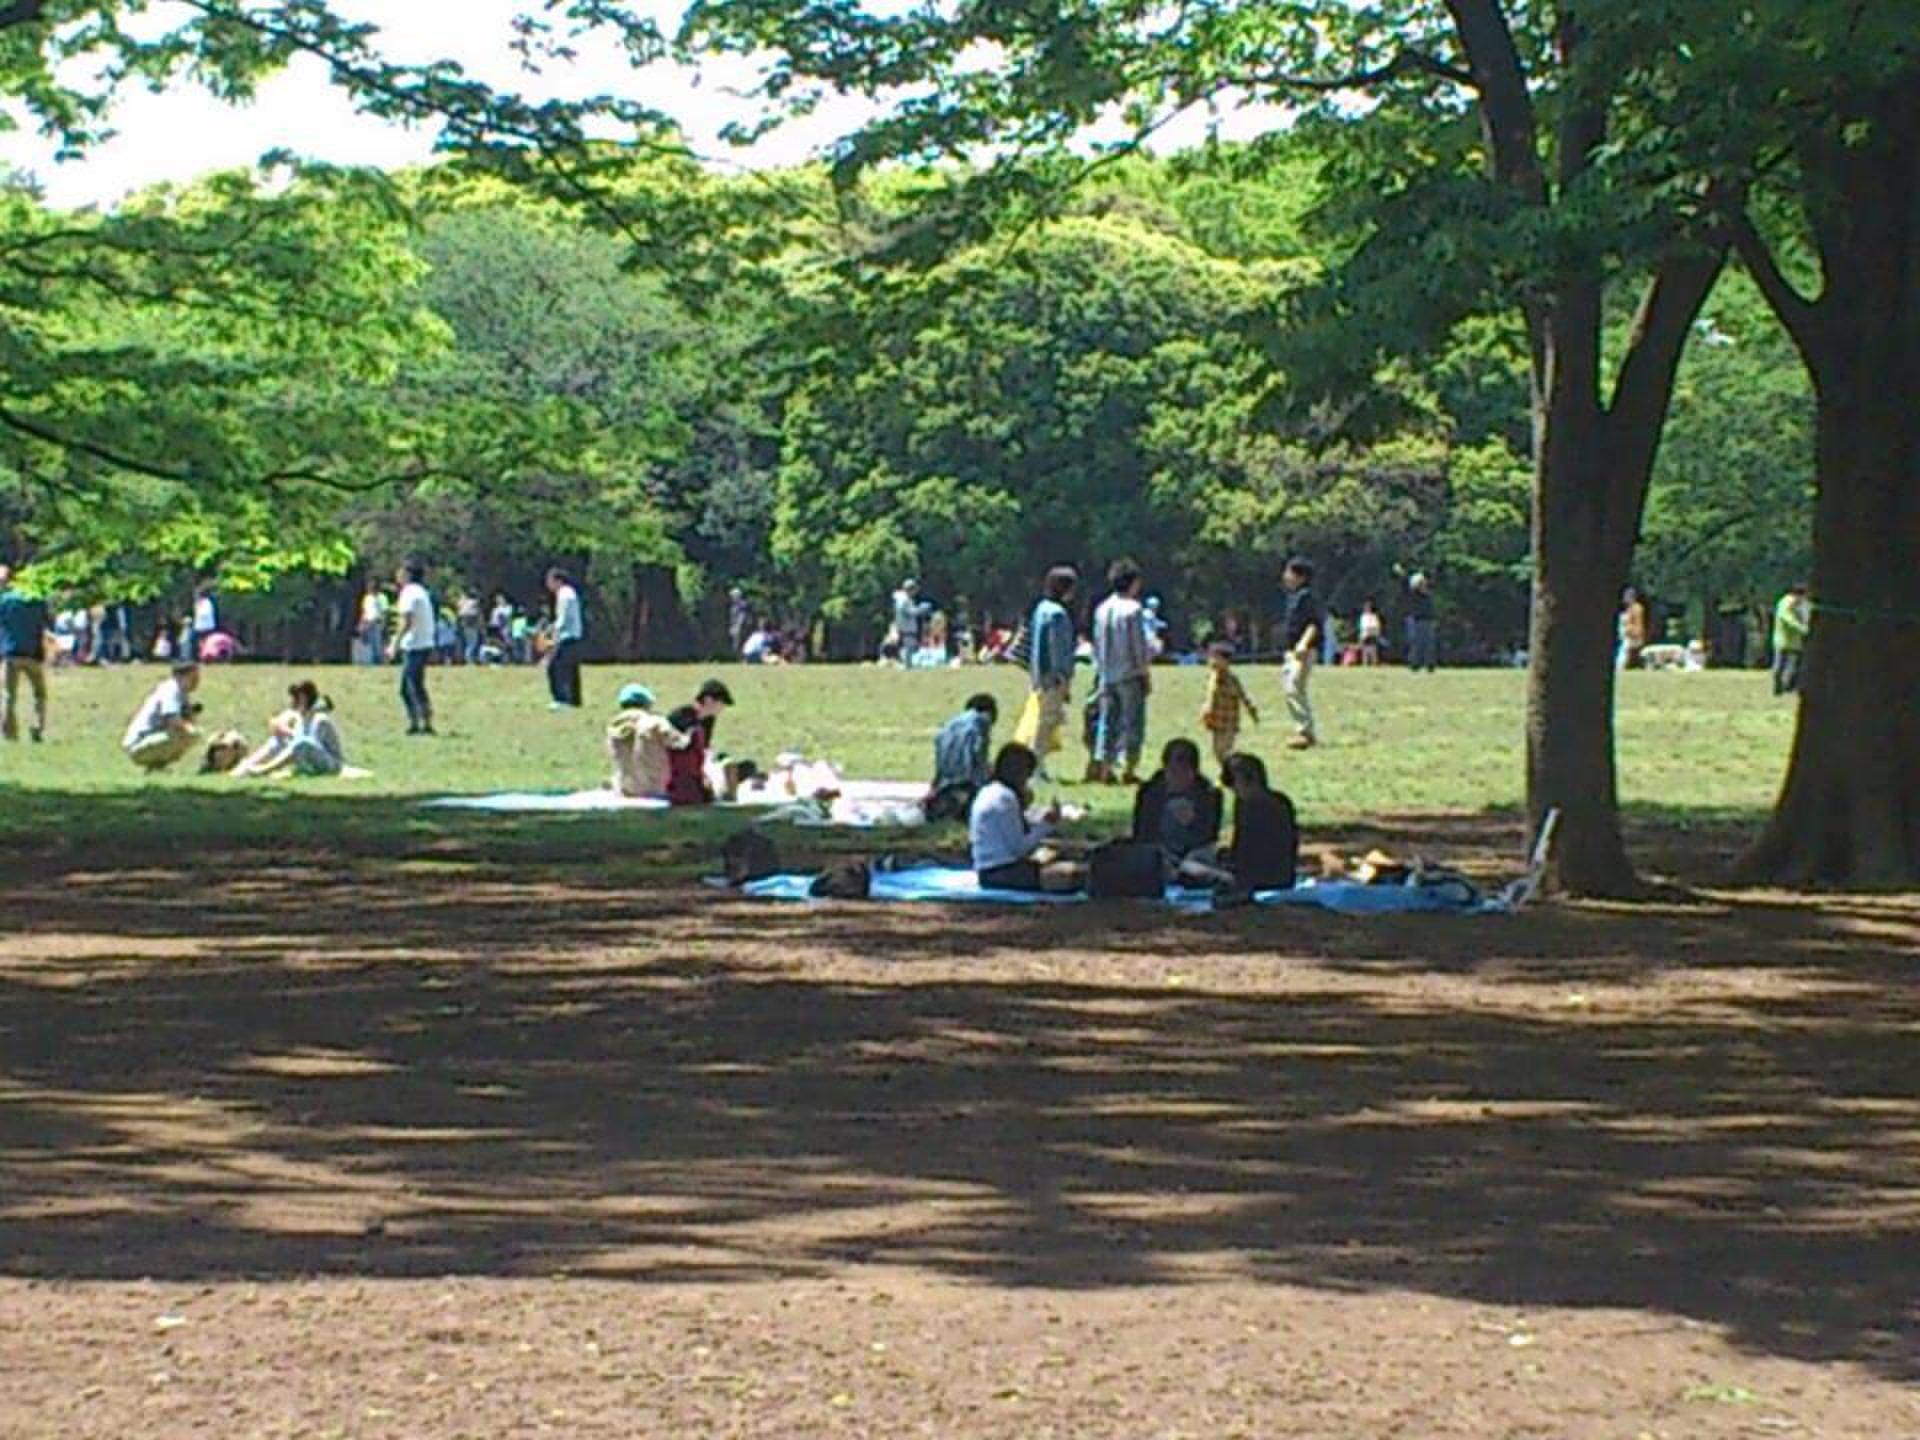 代々木公園ピクニックデート!上級者が教えるのコスパ最高のデートコース